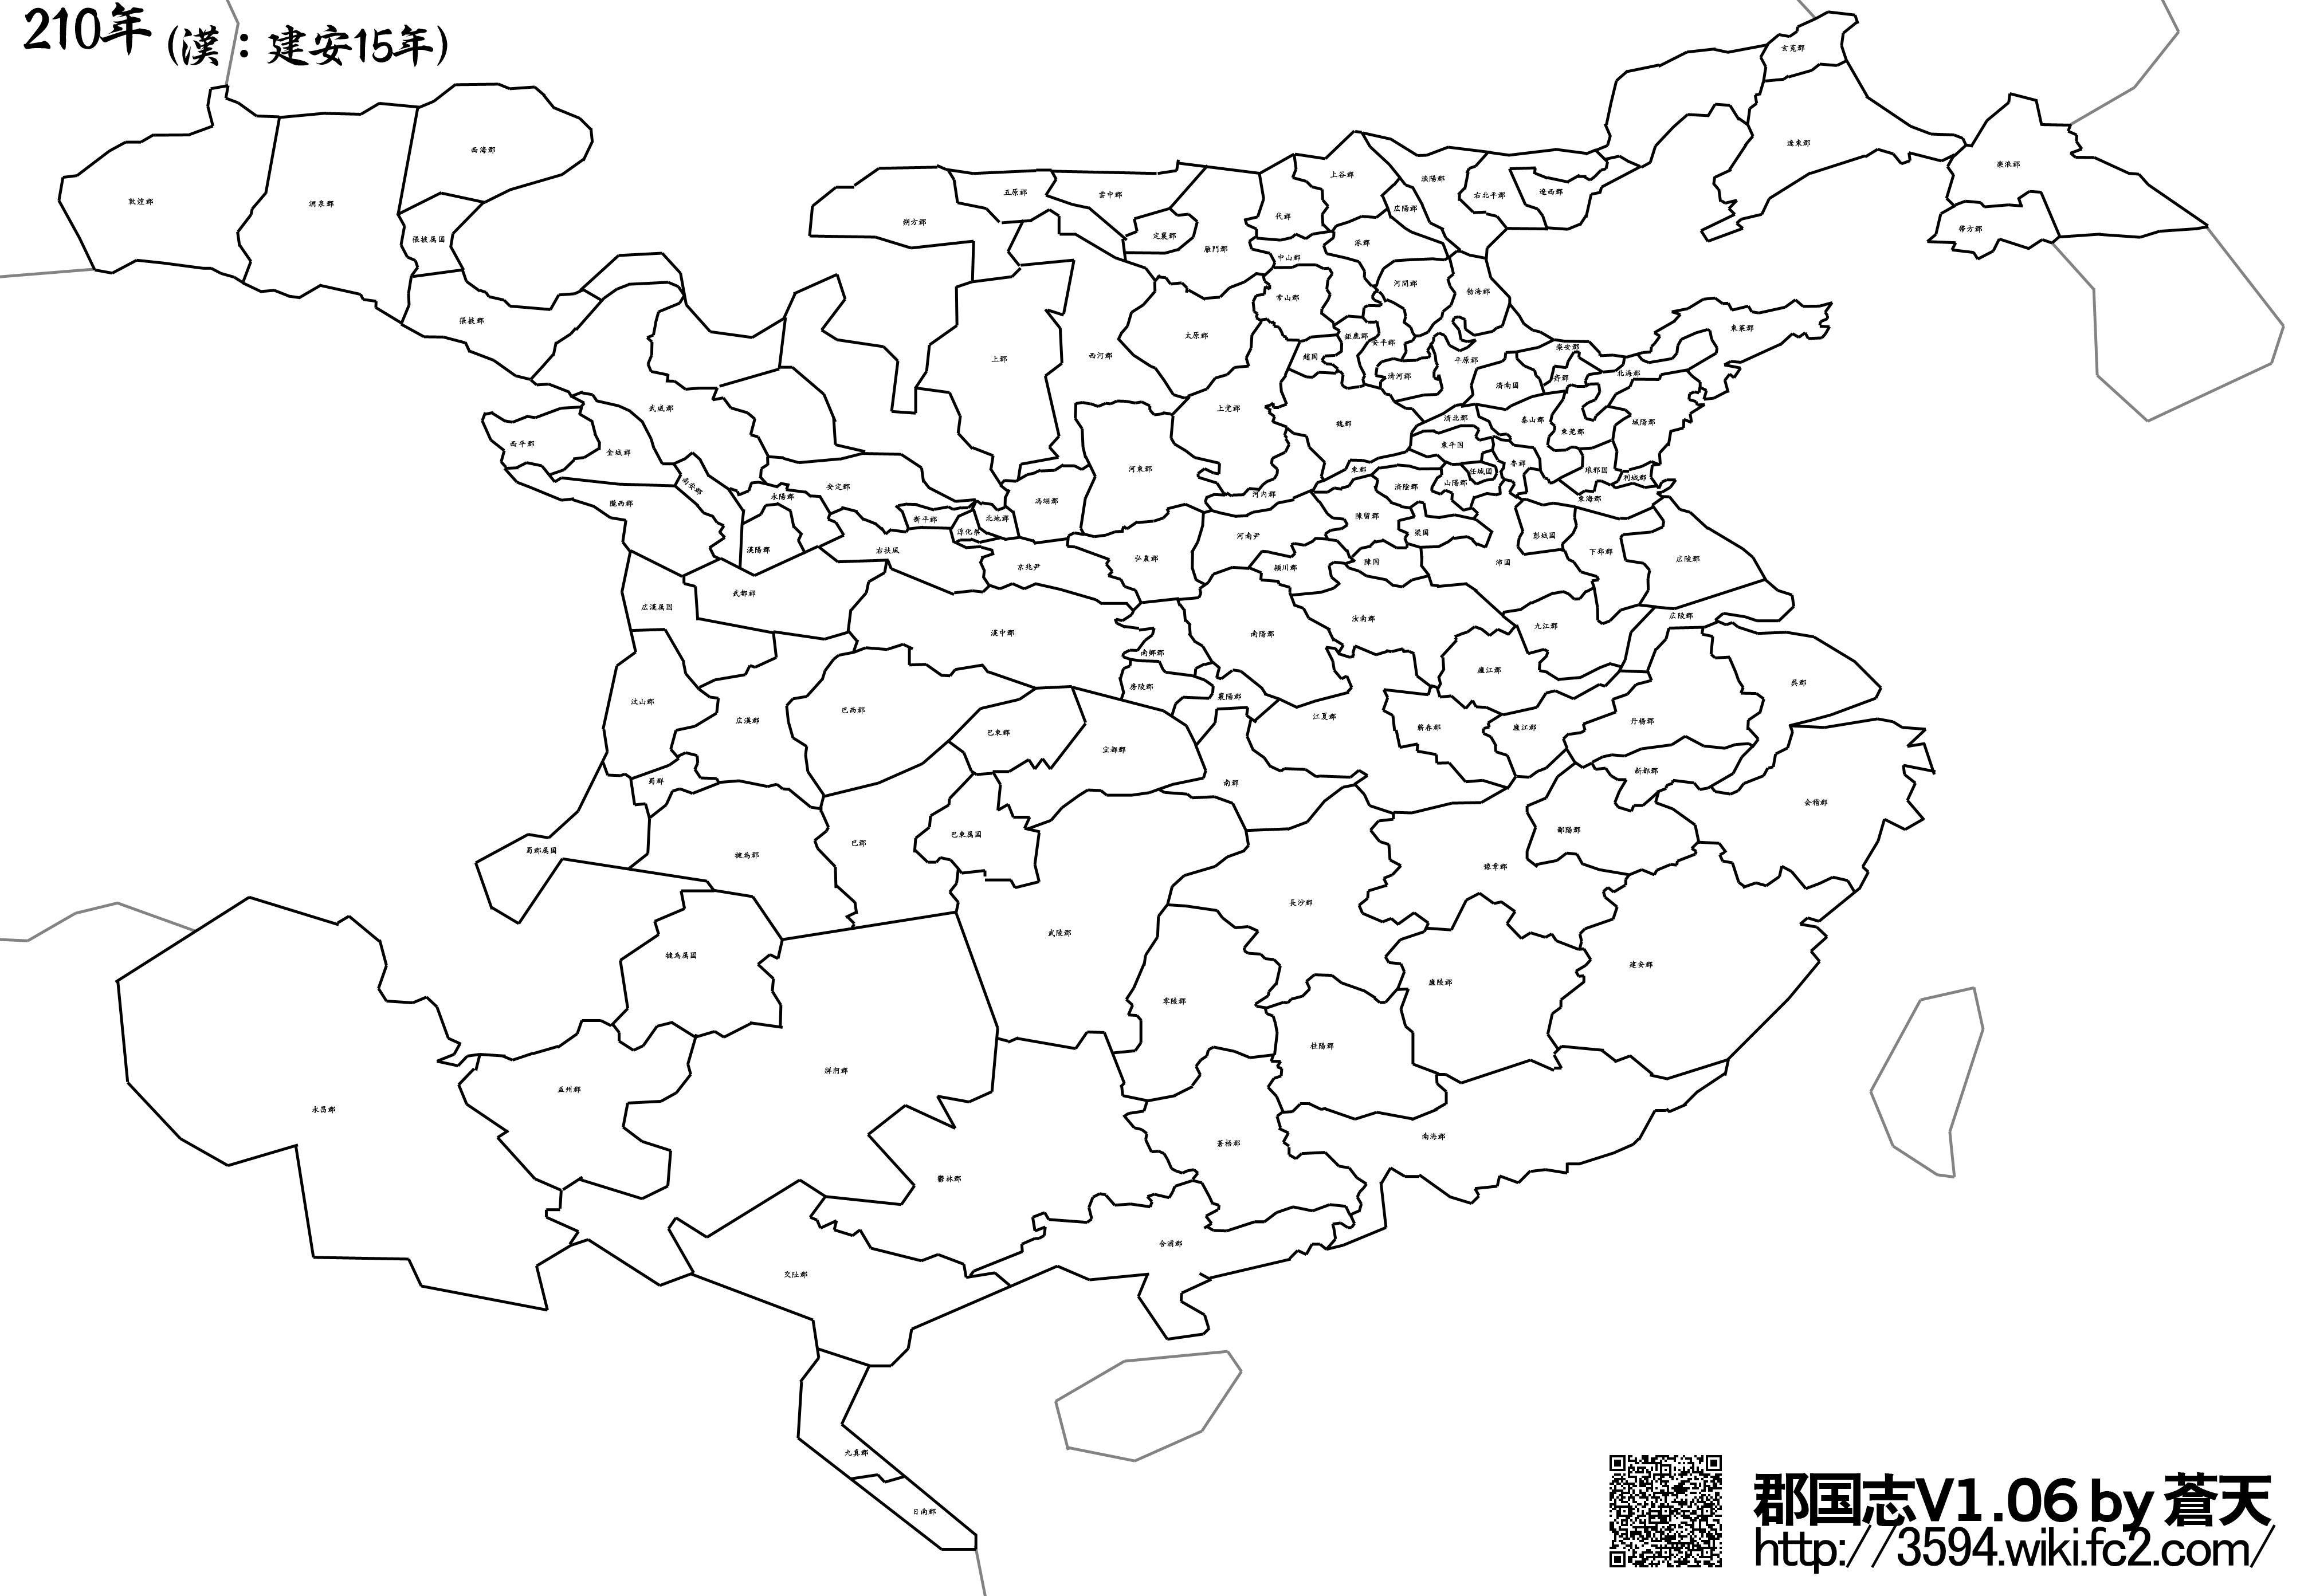 郡国志v106_210年